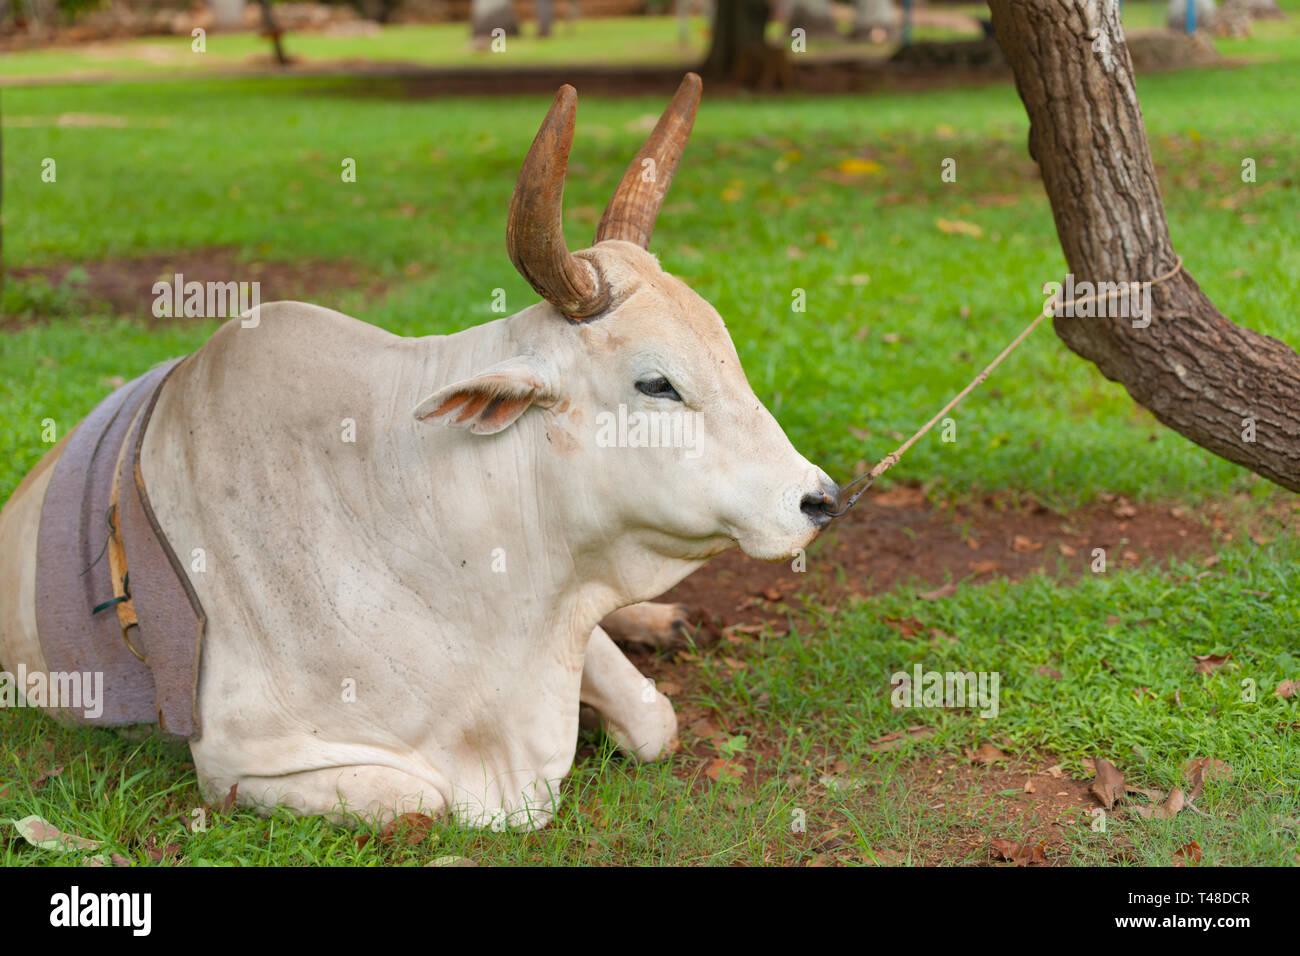 Vaca descansando en el suelo sujetado por anillo de la nariz y la cuerda al árbol en la agricultura de subsistencia en Cuba. Foto de stock